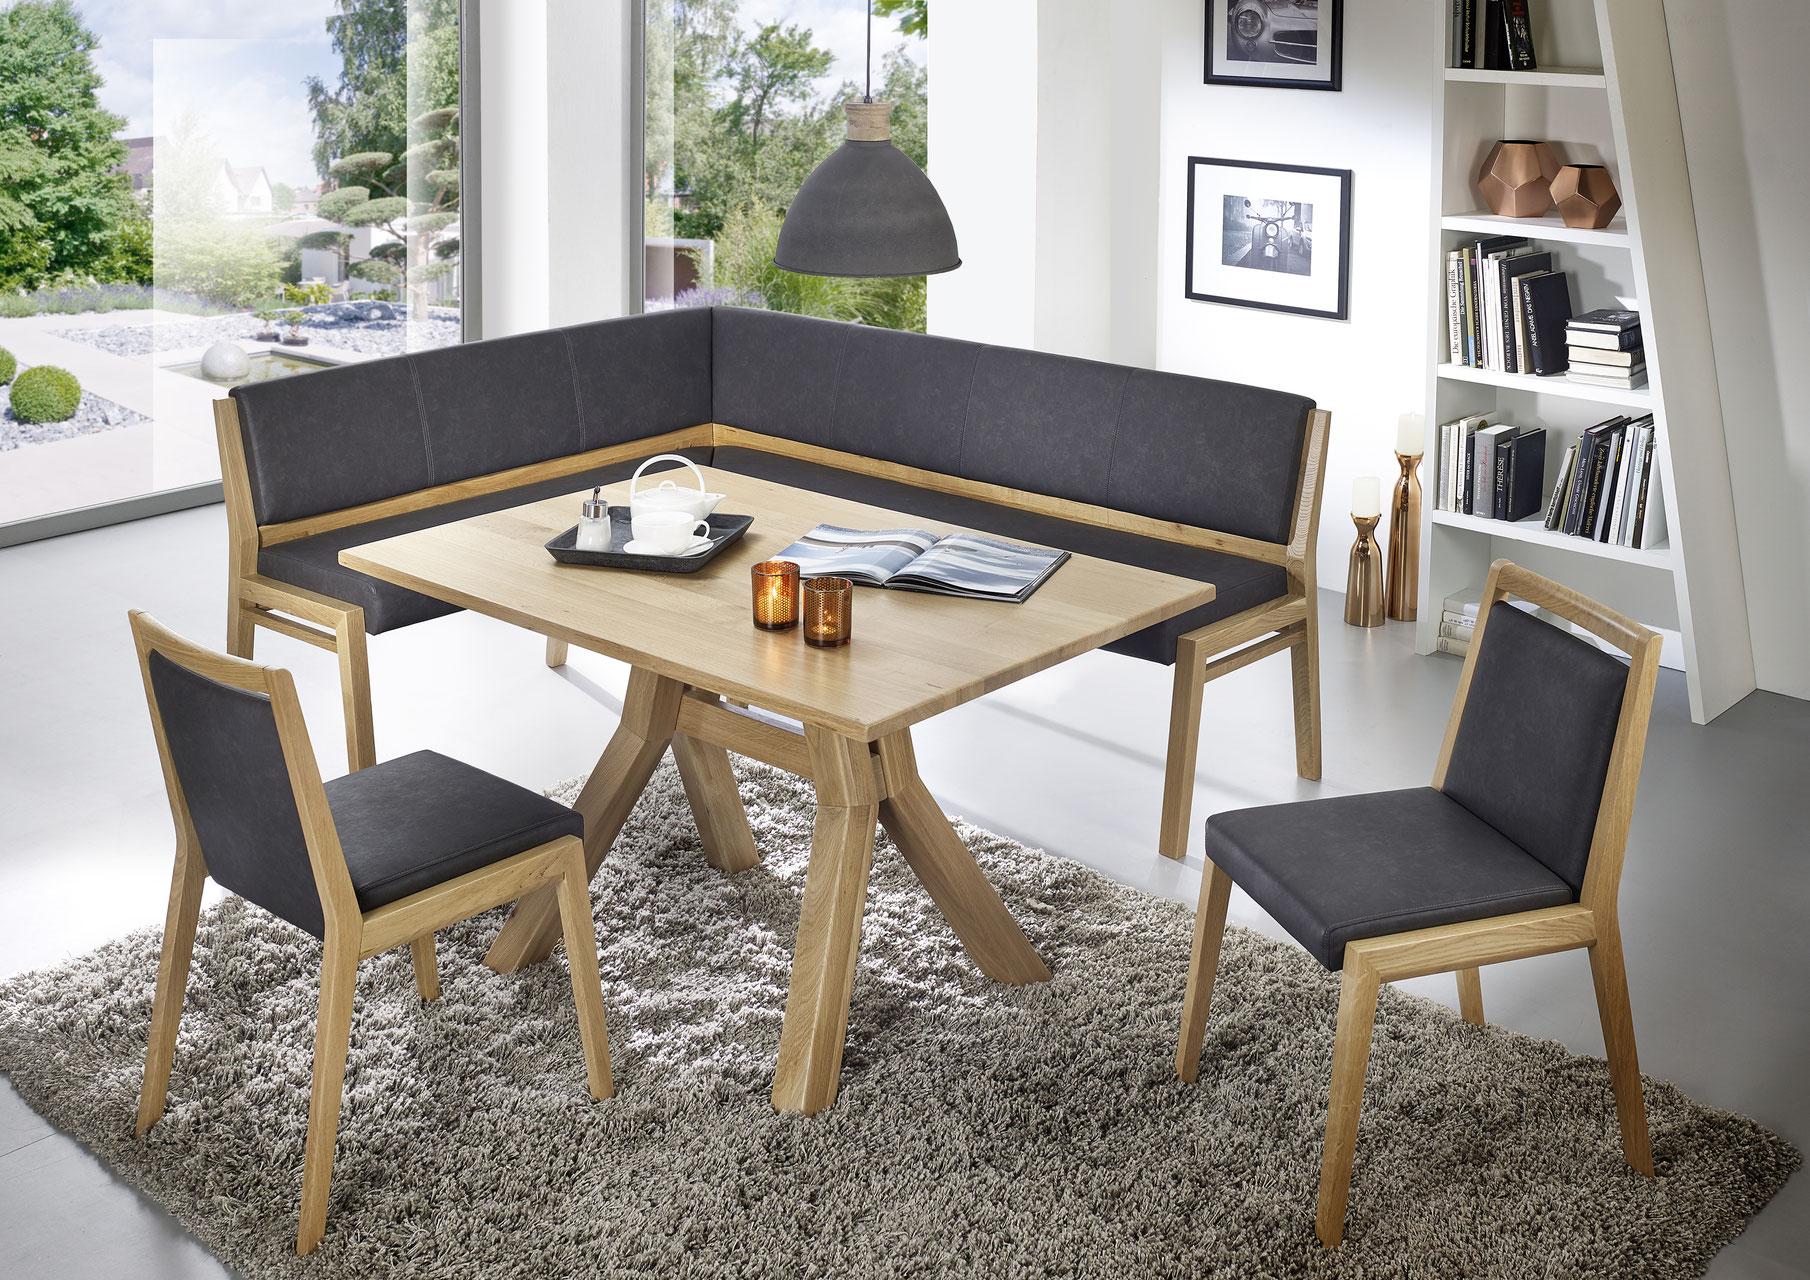 Soul Eckbank Leder - Naturnah Möbel - Moderne Massivholzmöbel